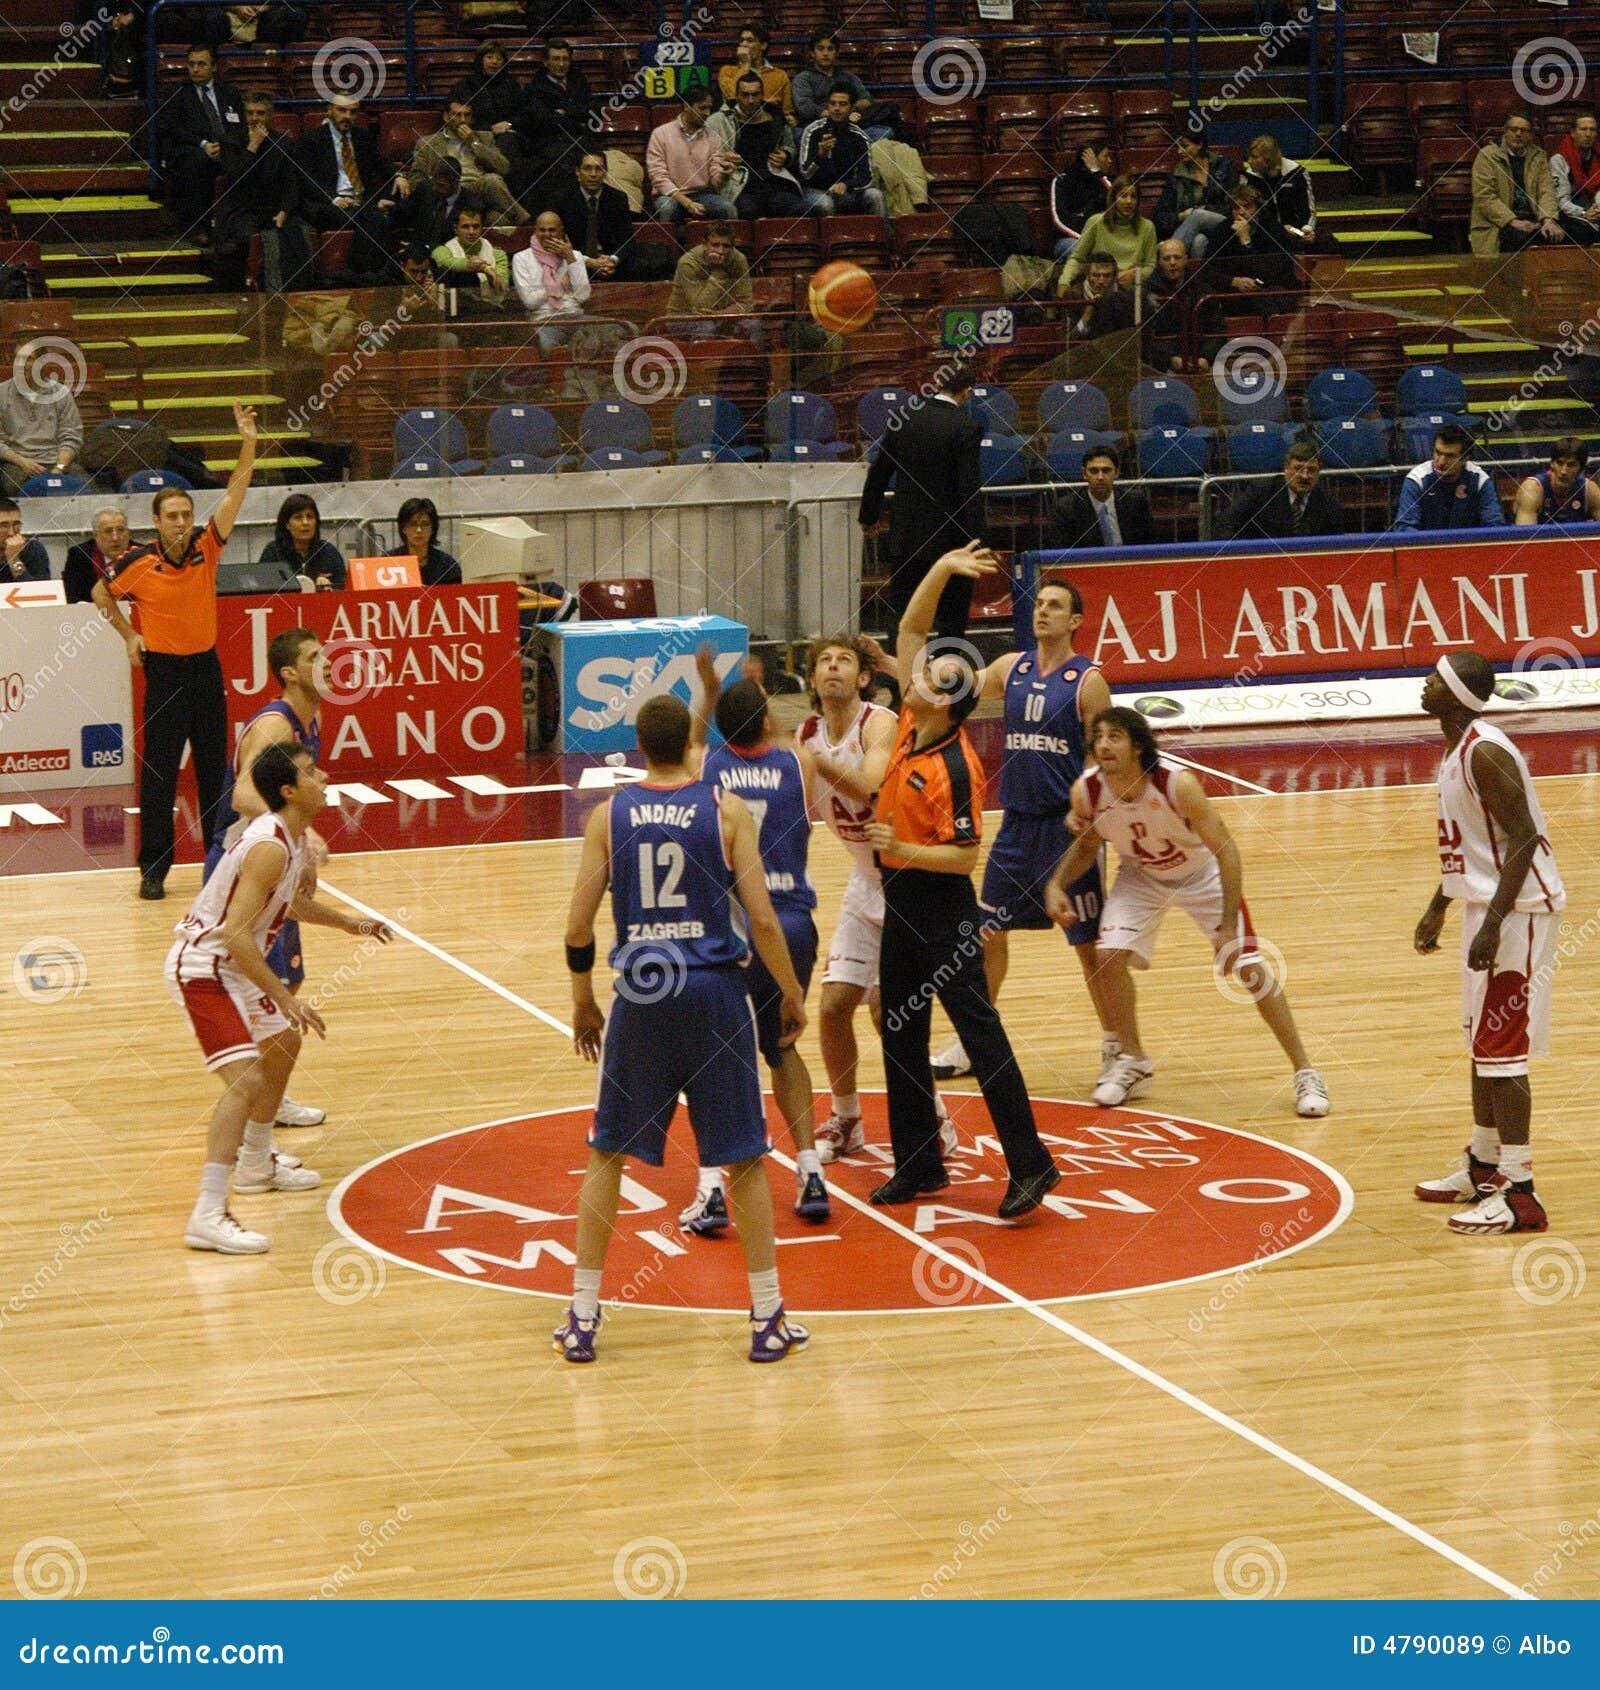 Gioco di pallacanestro immagine stock editoriale immagine - Immagini stampabili di pallacanestro ...